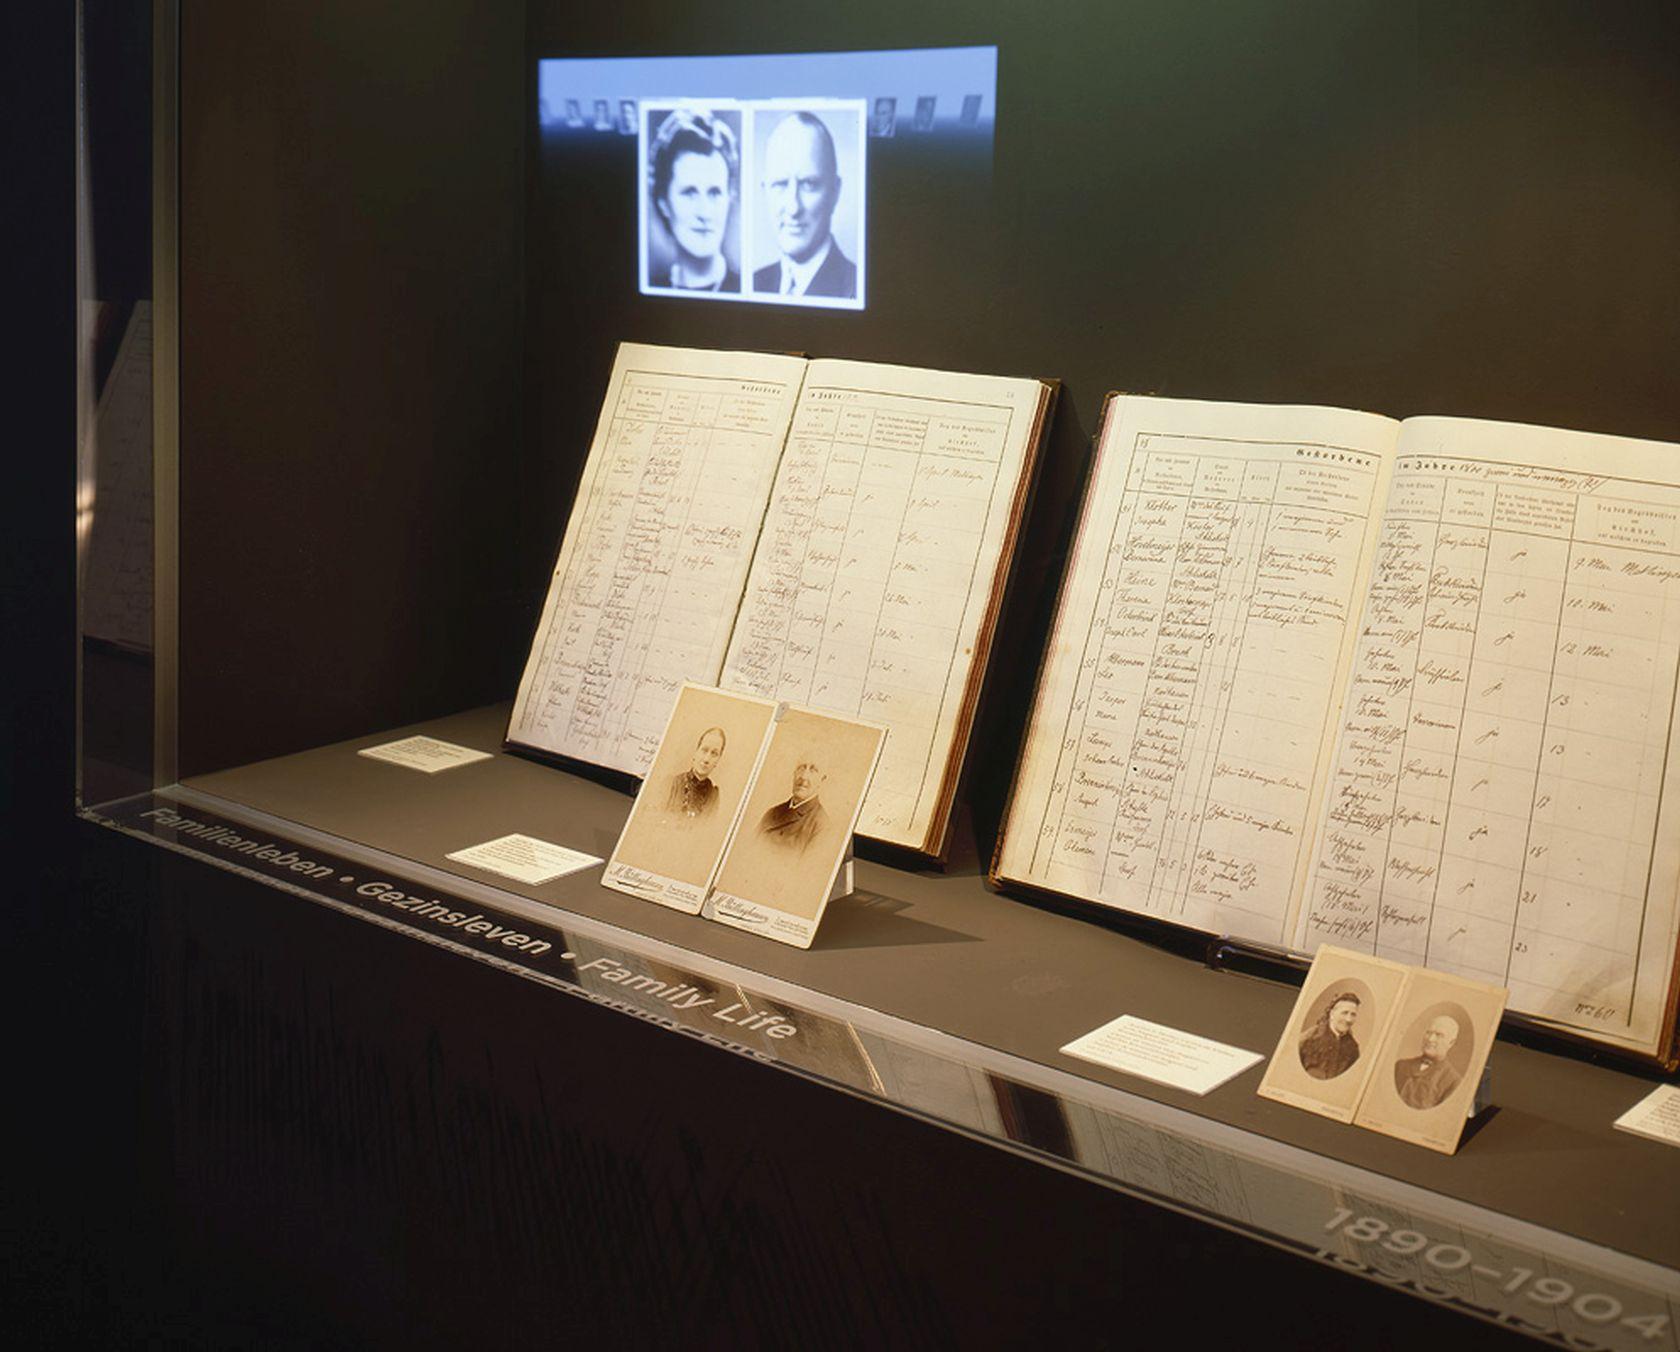 Ausstellung DRAI CLEMENS UND AUGUST-020